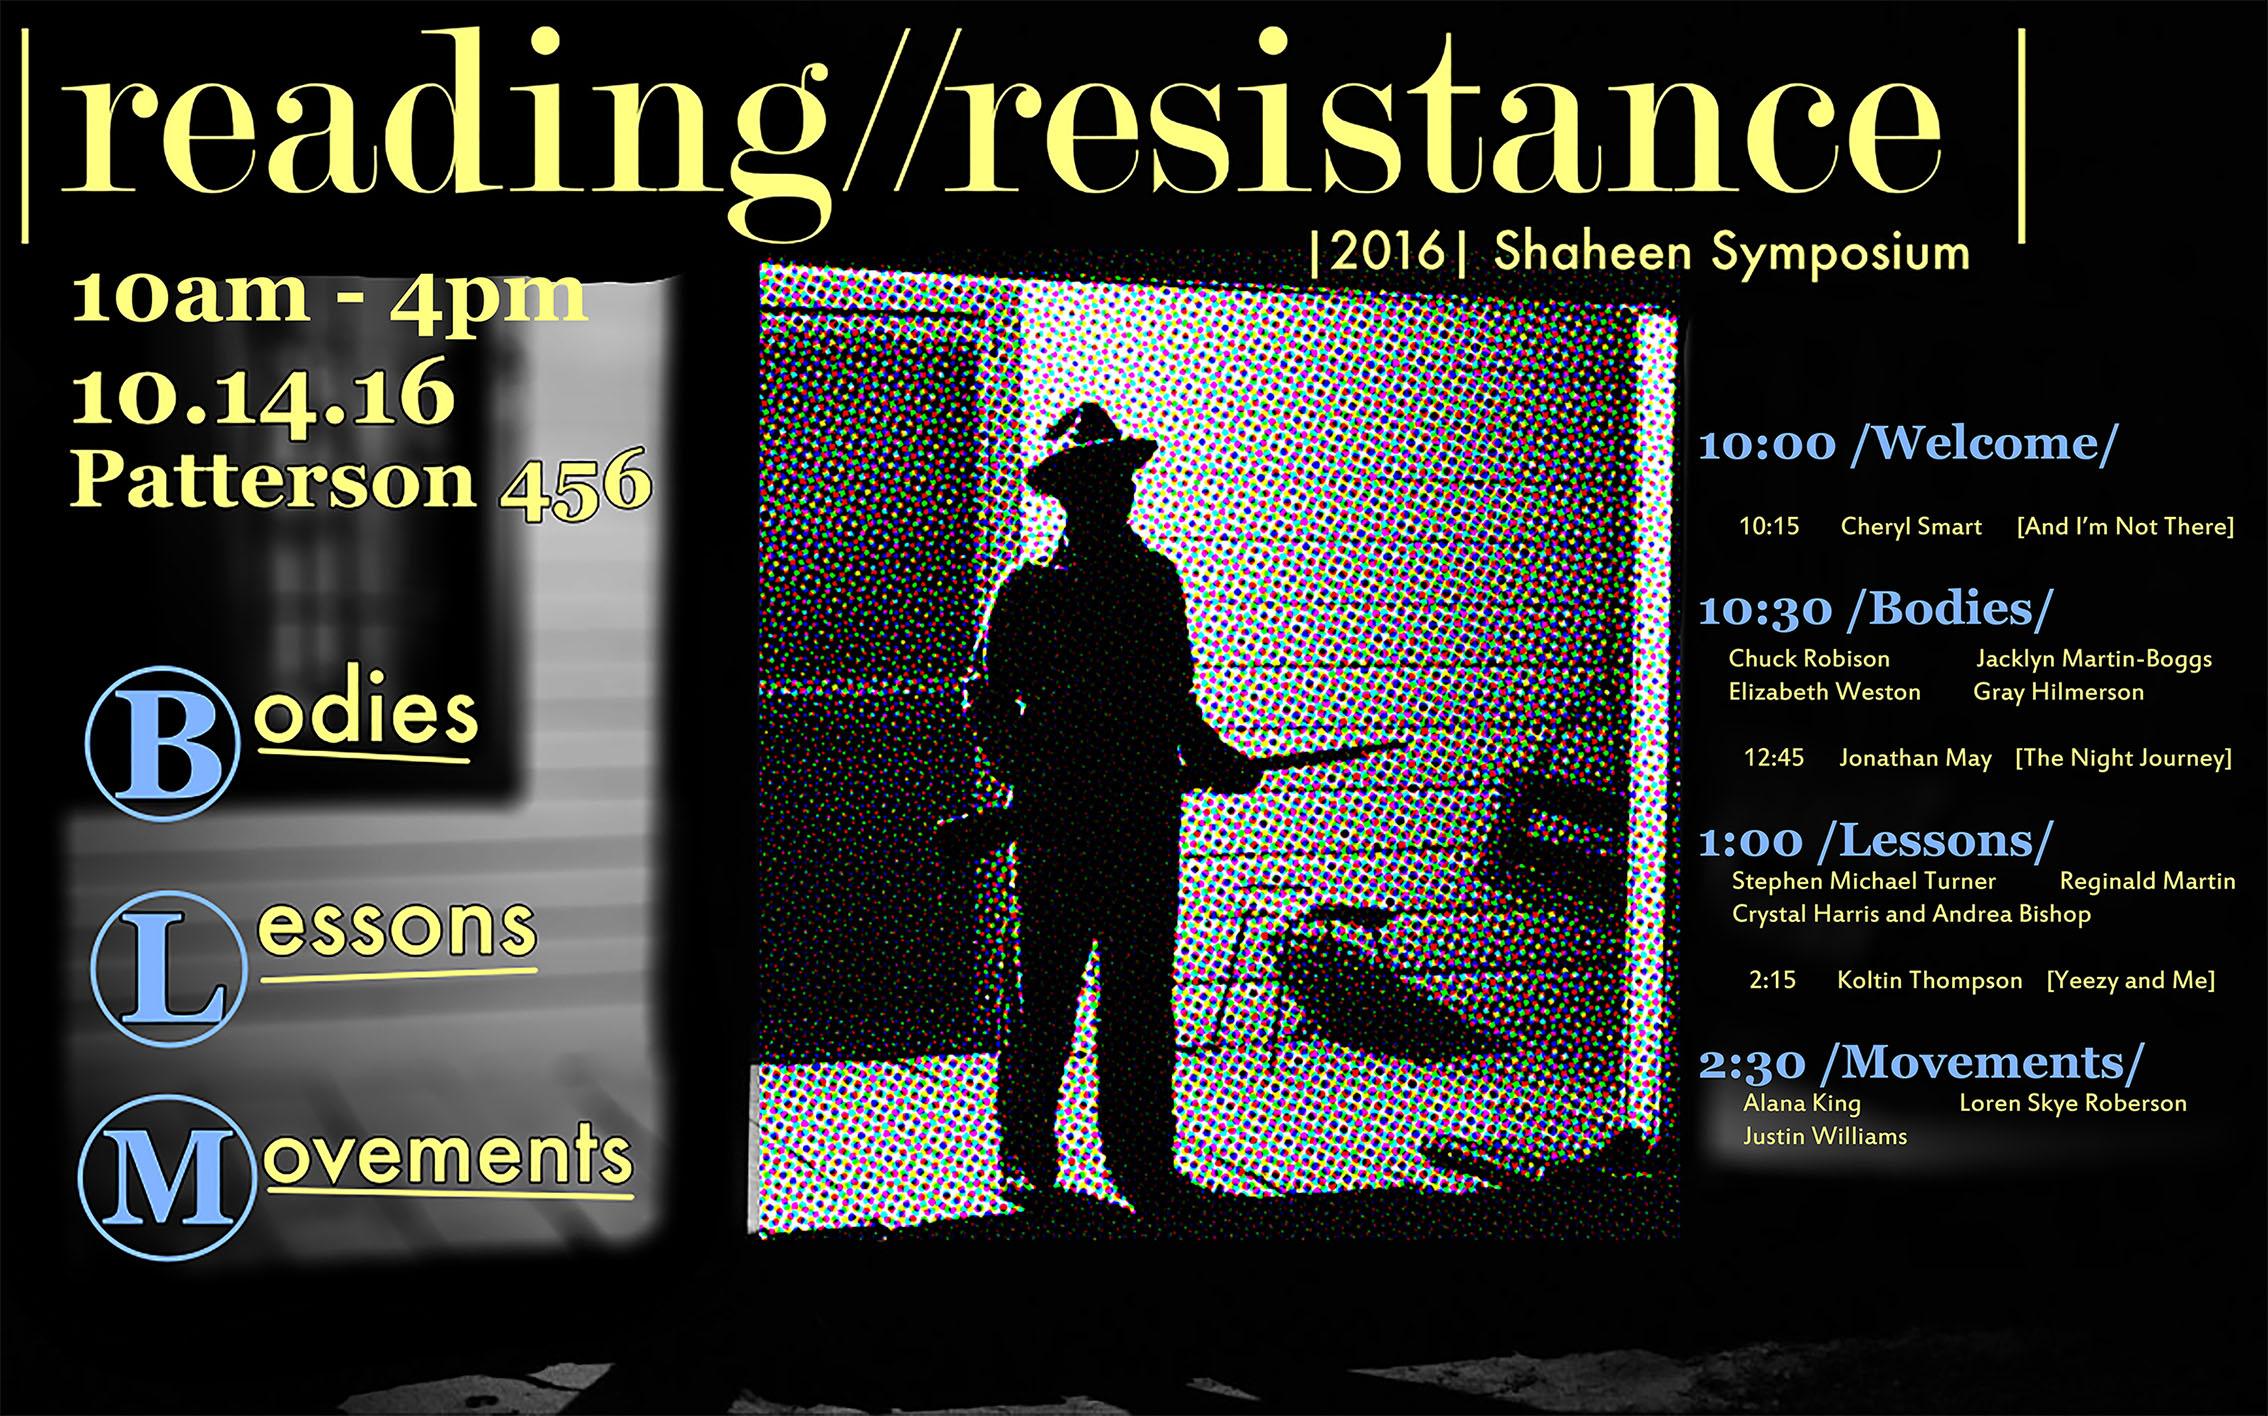 Shaheen symposium